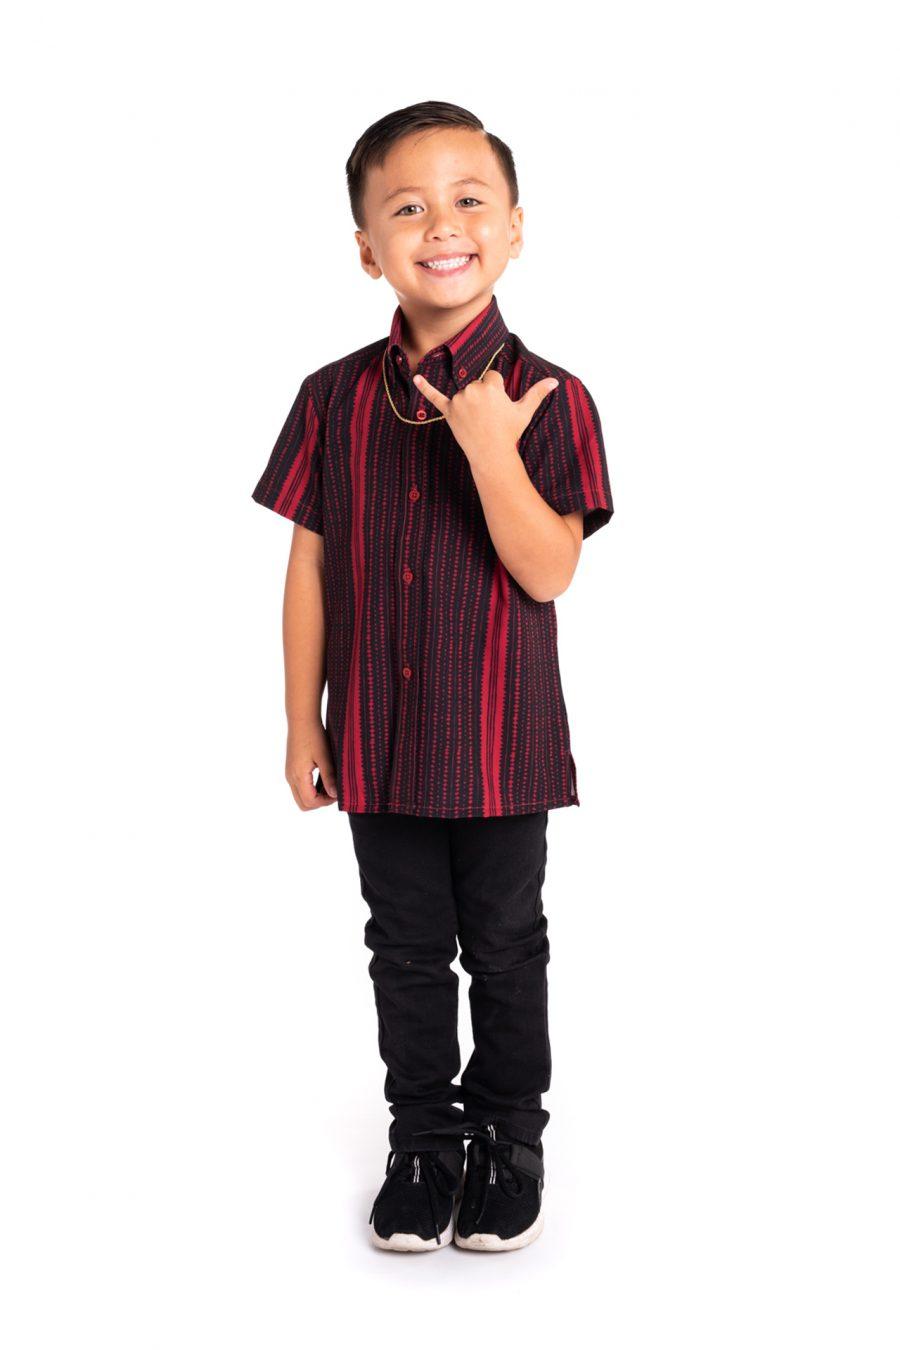 Boy wearing Keki Mahalo Shirt S-S in Jet Black/Brick Red Hoonionio